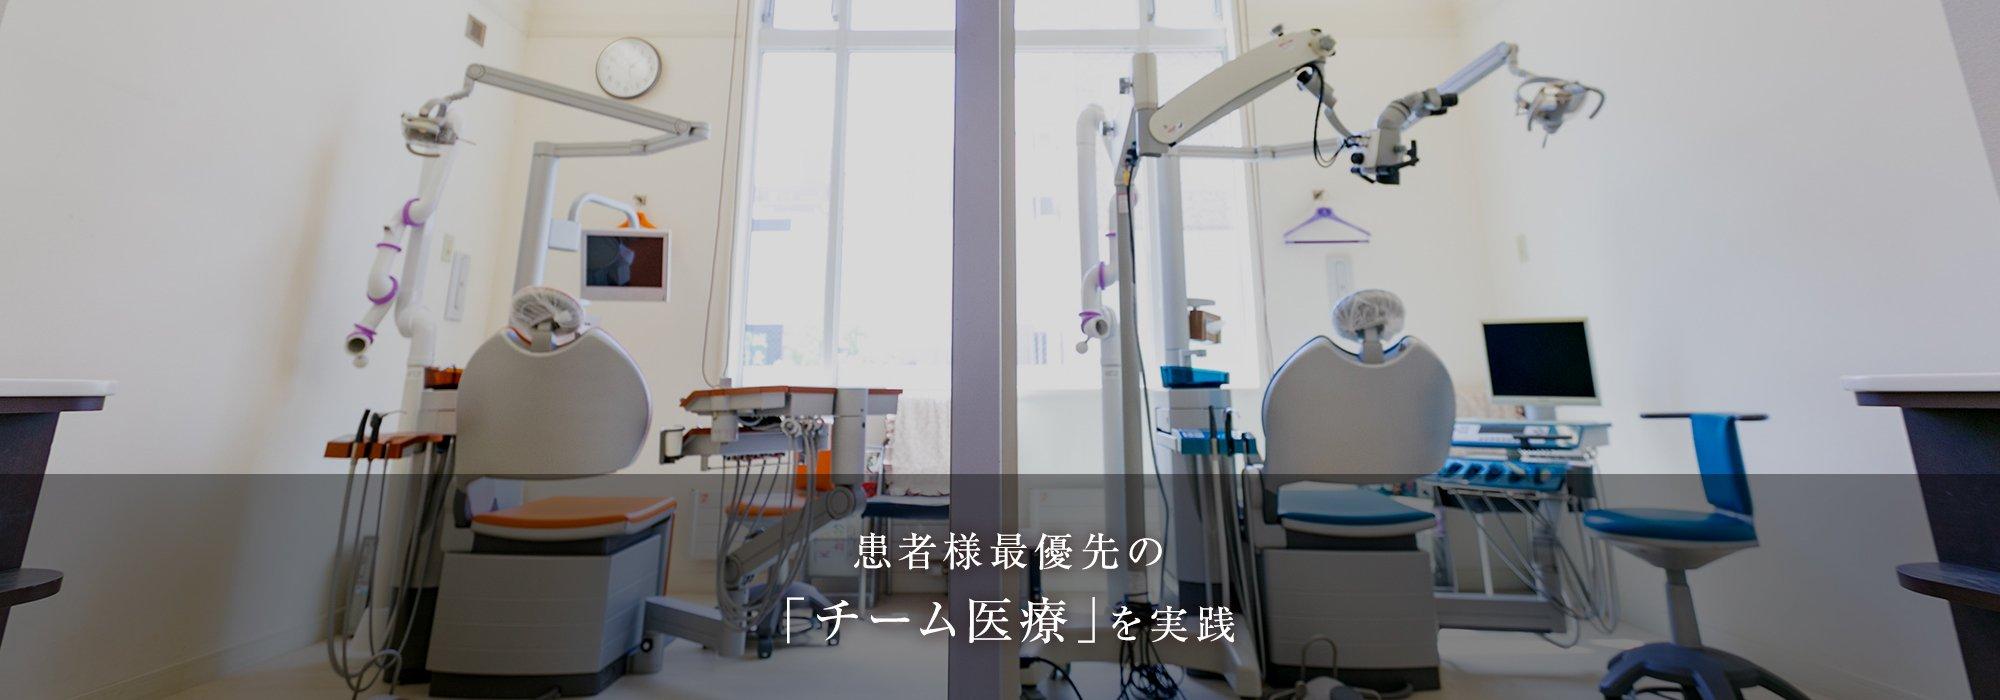 患者様最優先の 「チーム医療」を実践